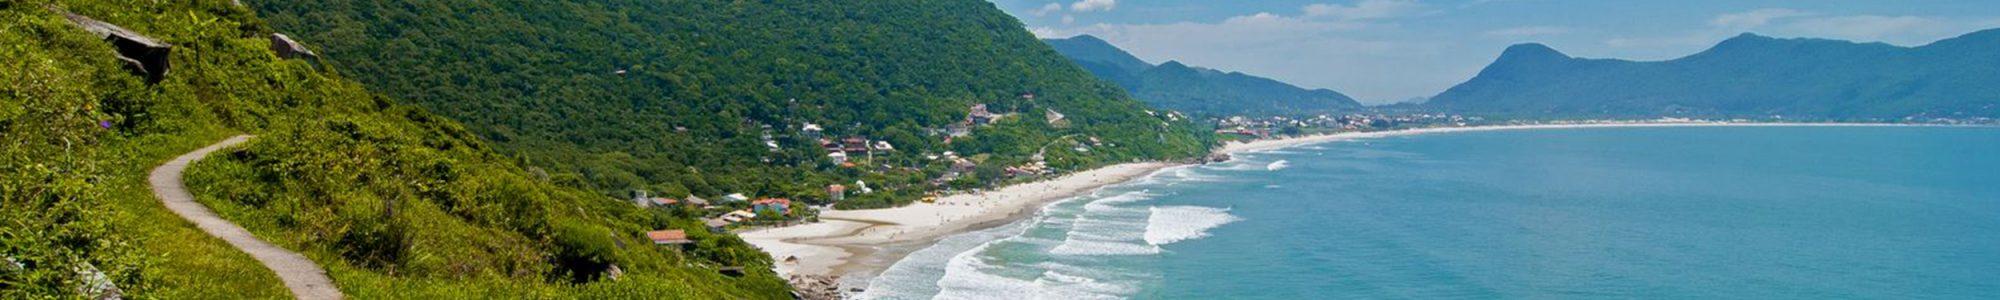 praia-da-solidao